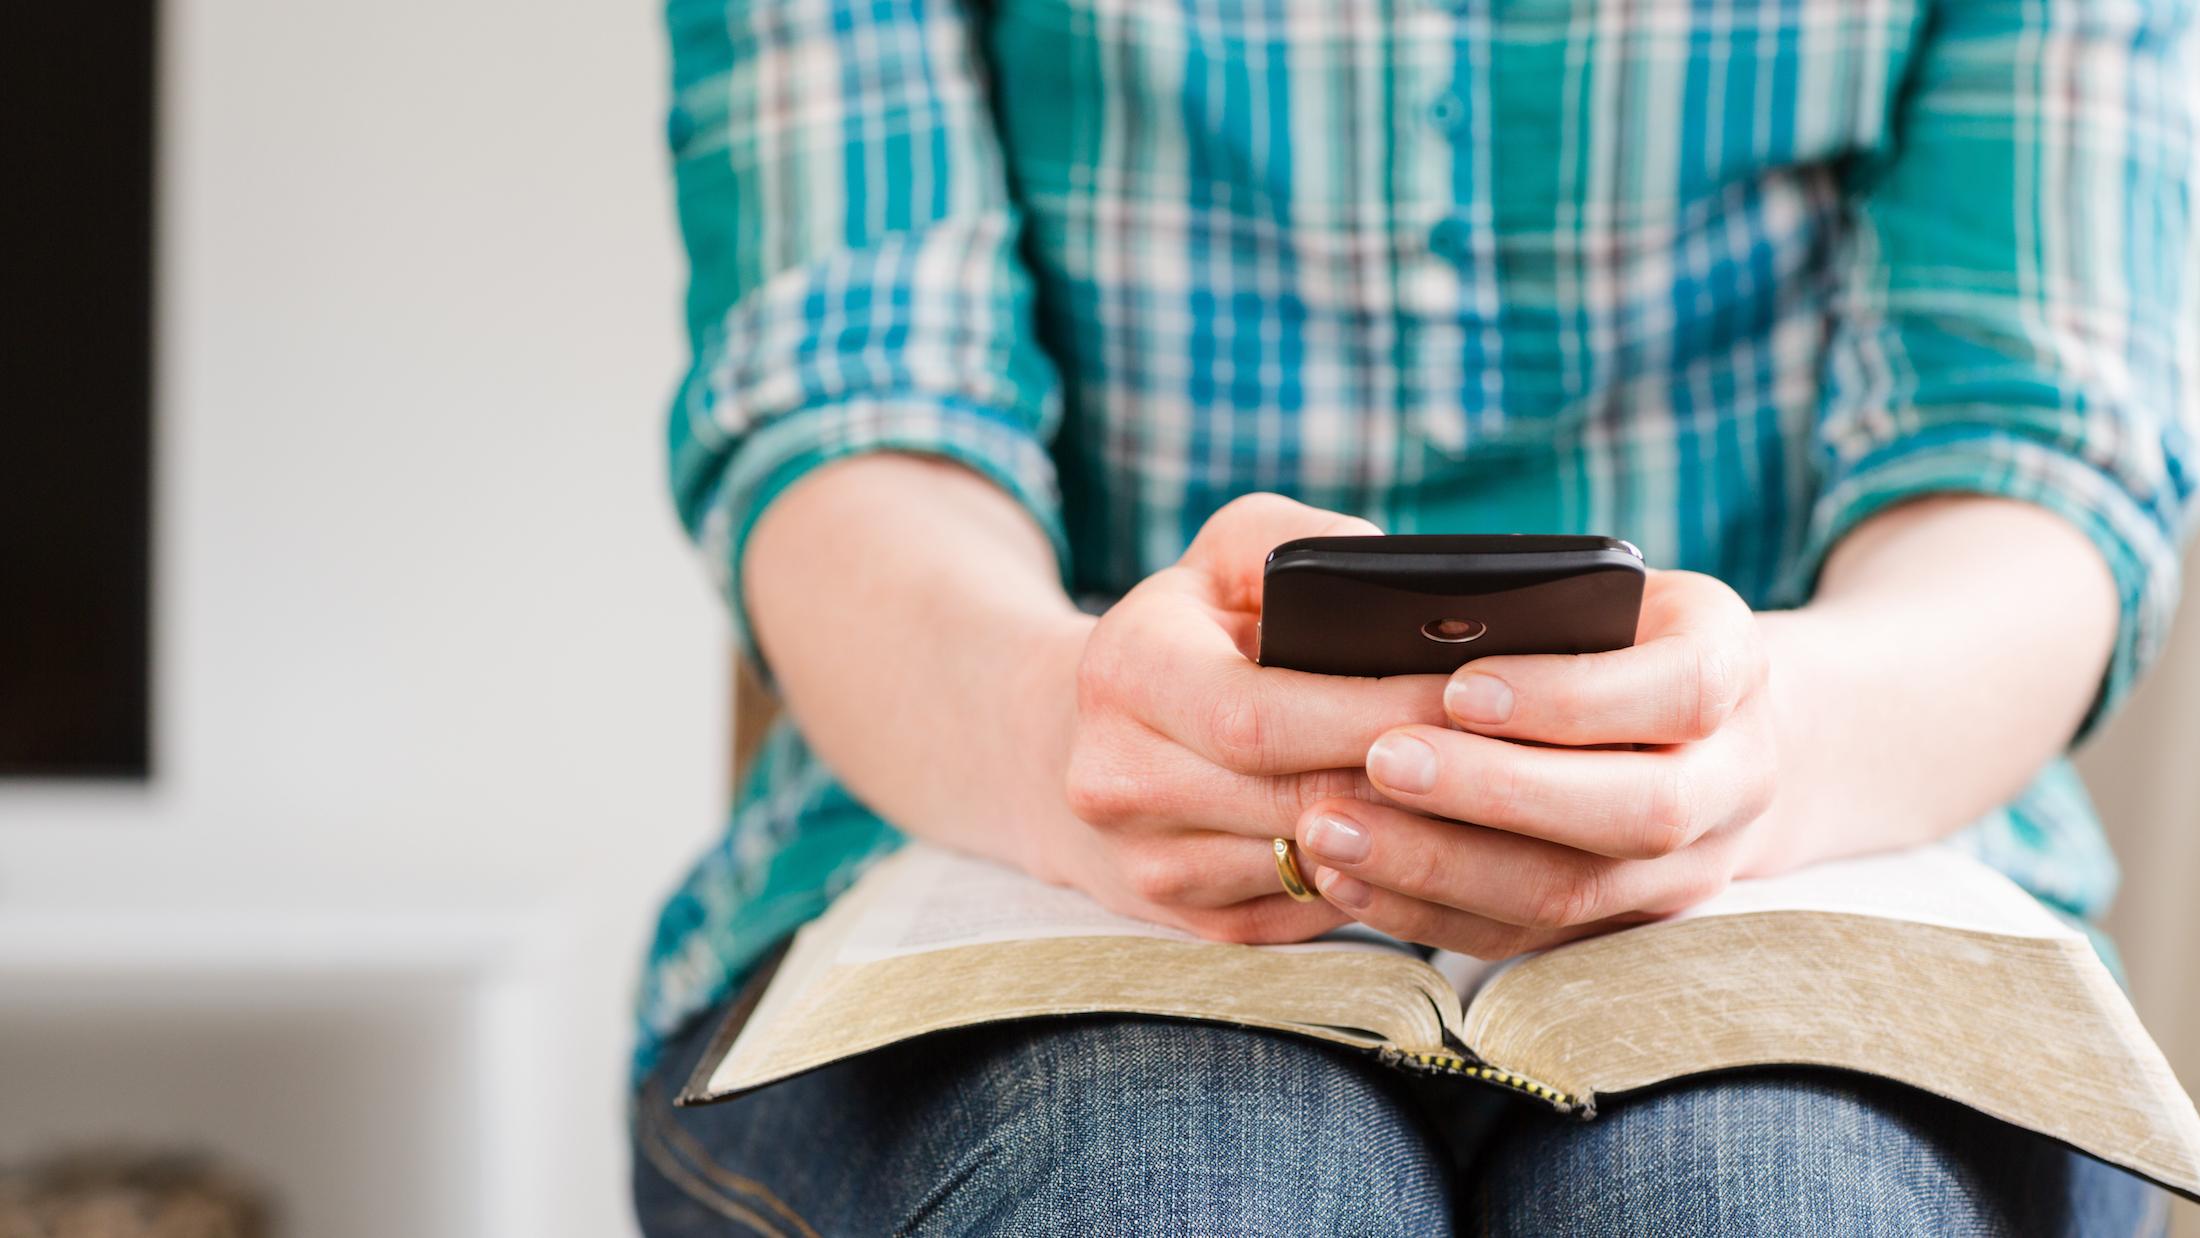 Relação entre a cultura contemporânea e a narrativa bíblica foi alvo de debate e estudos de teólogos na edição anual do encontro regional do comitê de pesquisa bíblica. Foto: Shutterstock